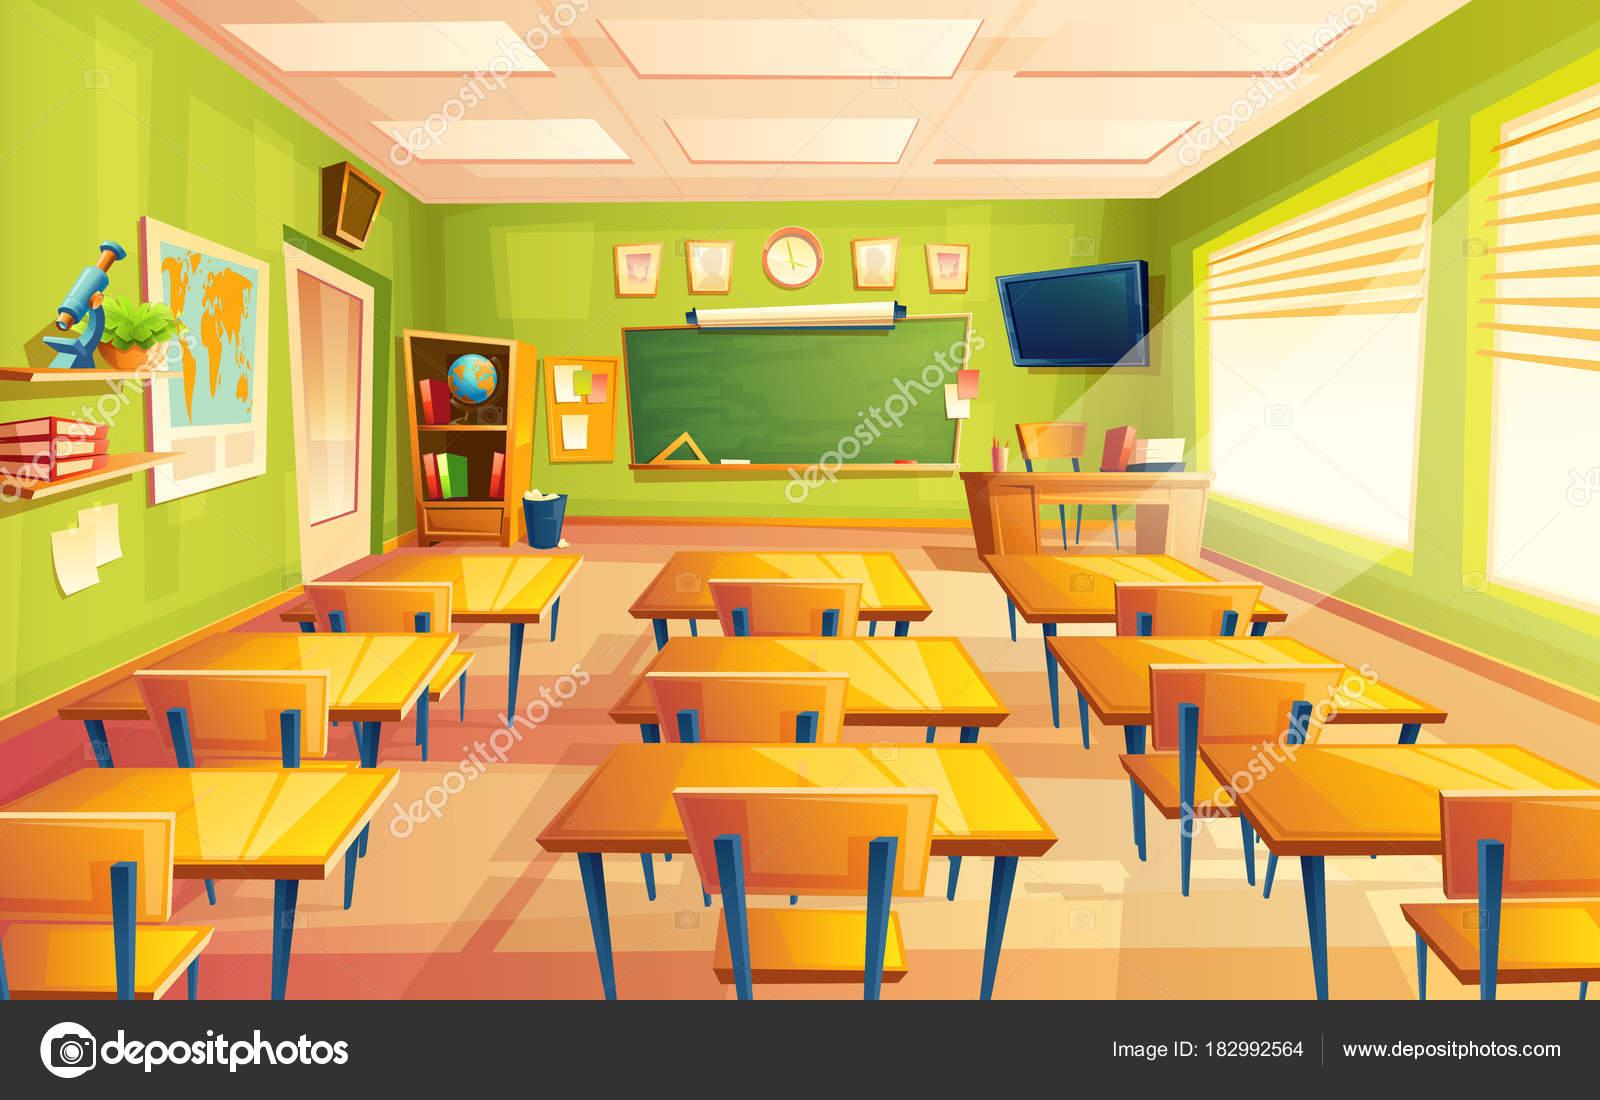 Dibujos: Animados De Un Colegio